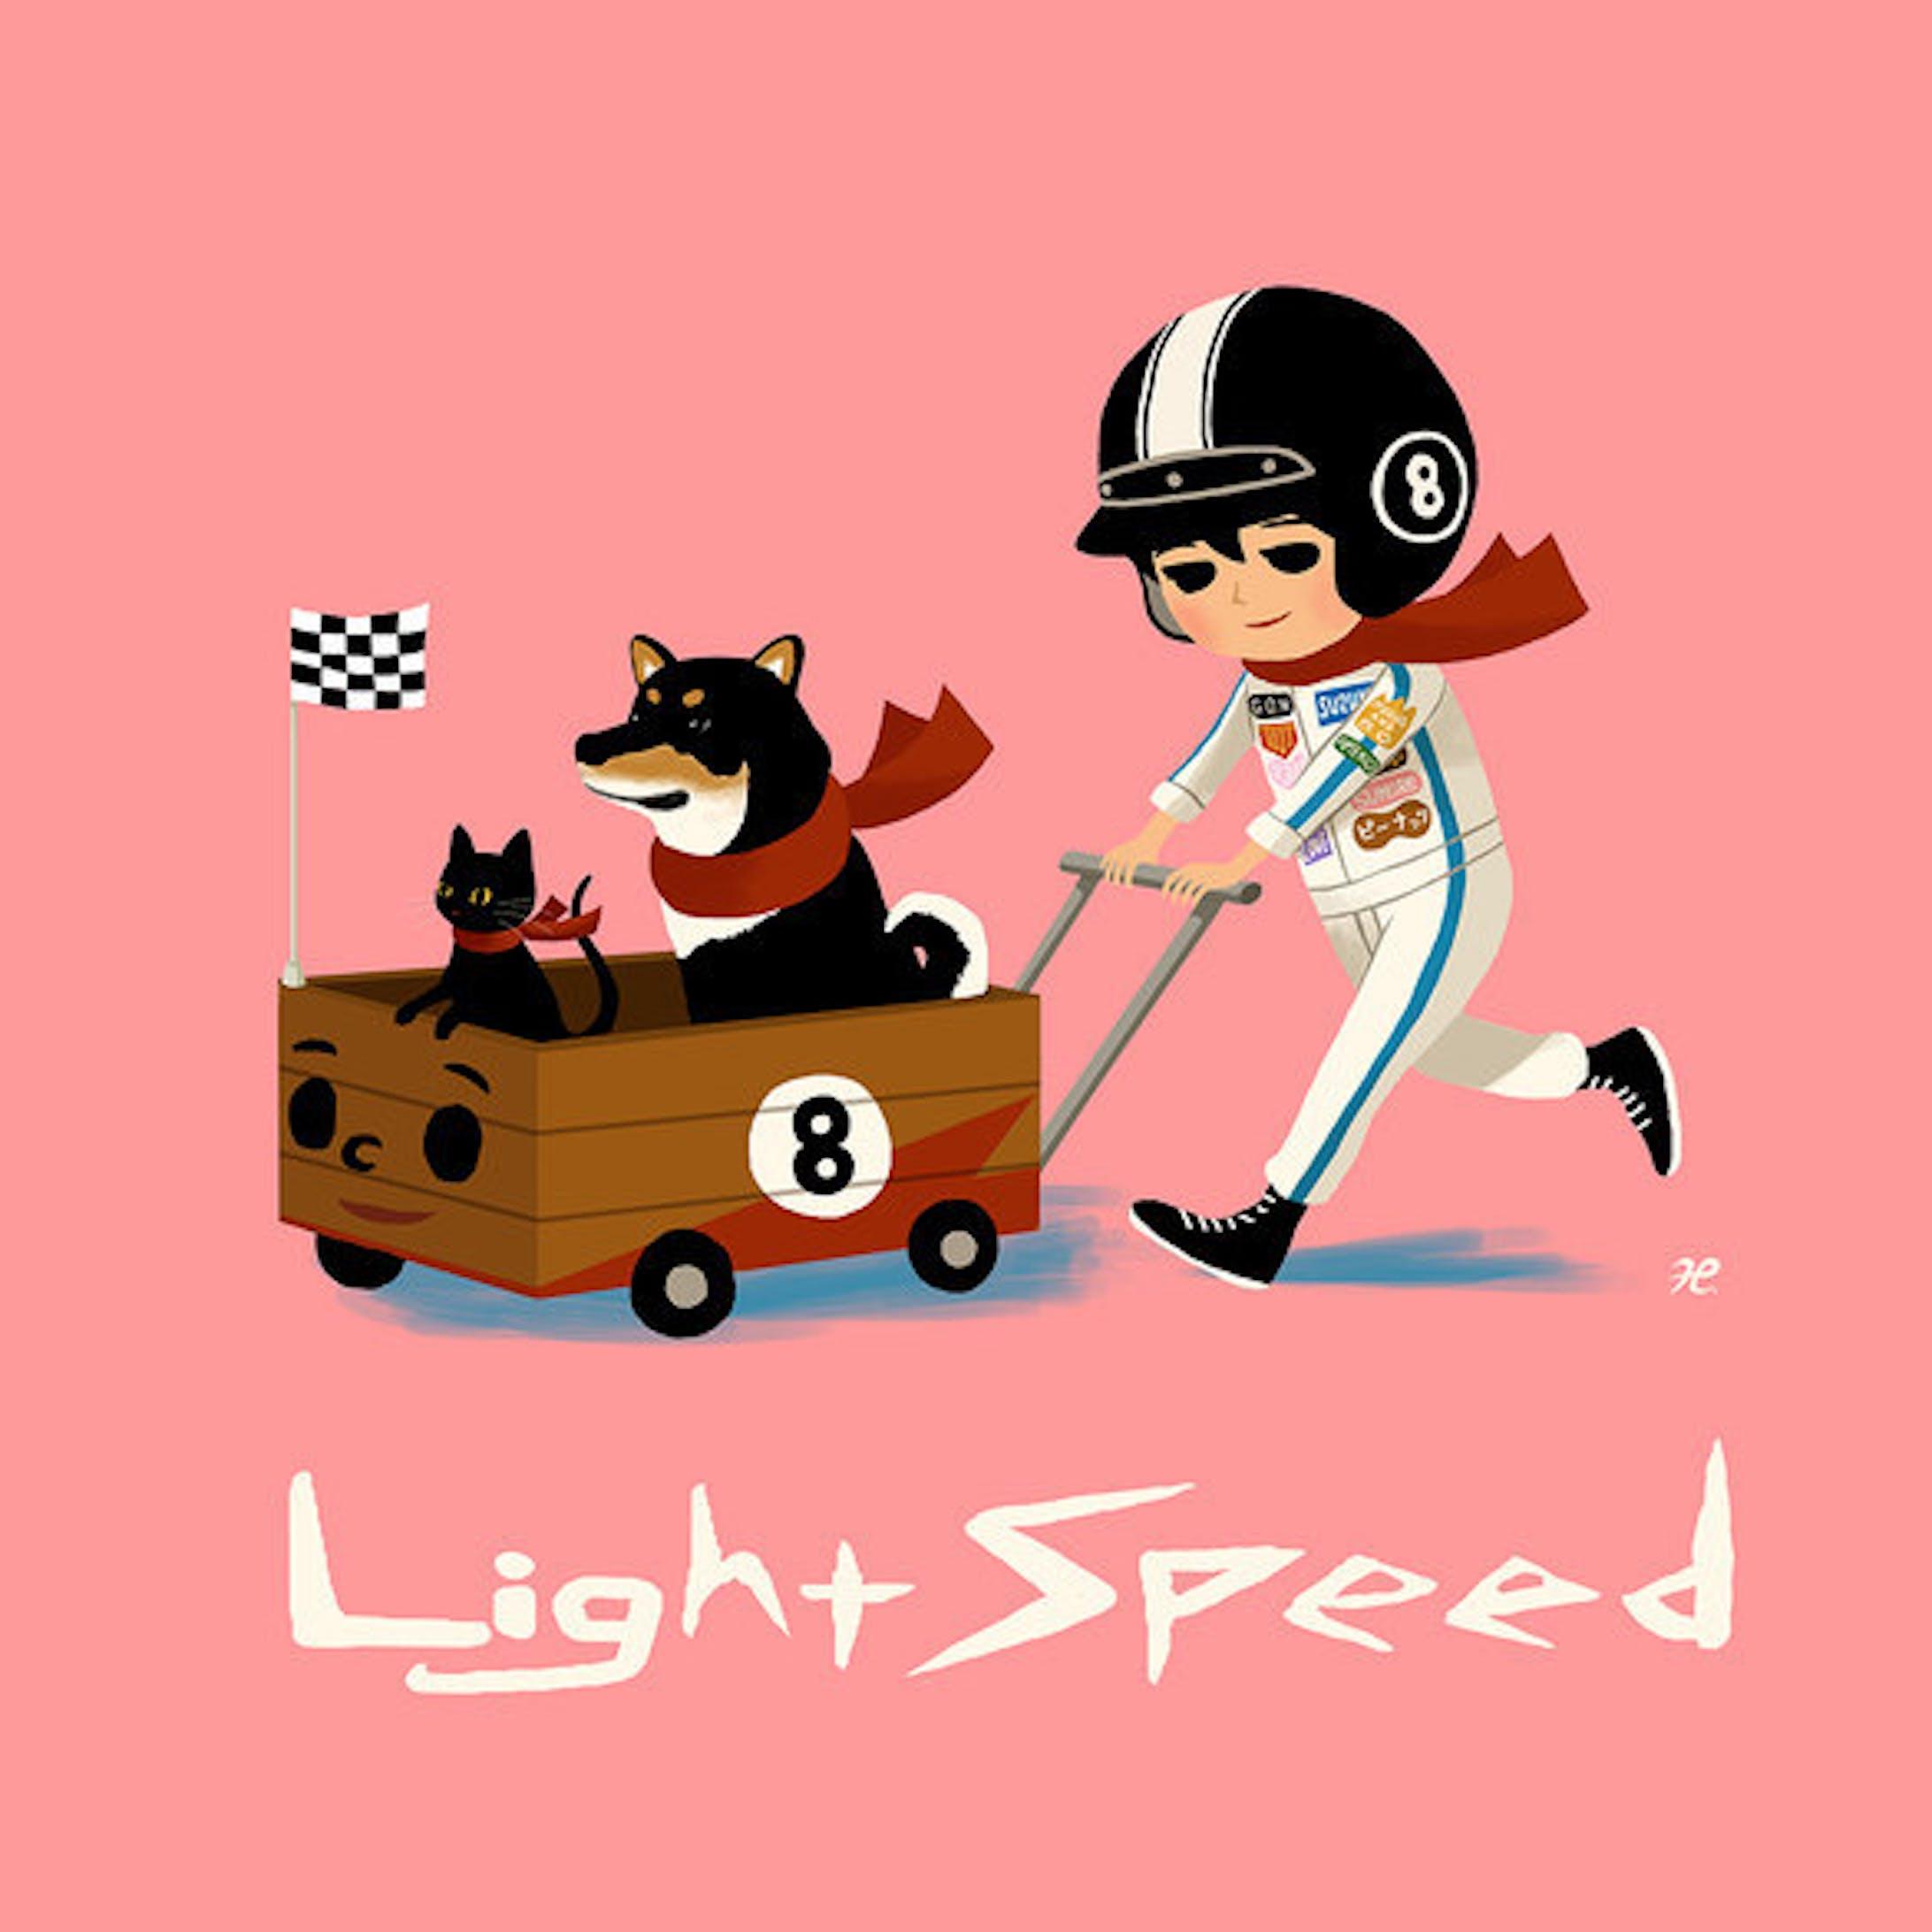 Light Speed-1